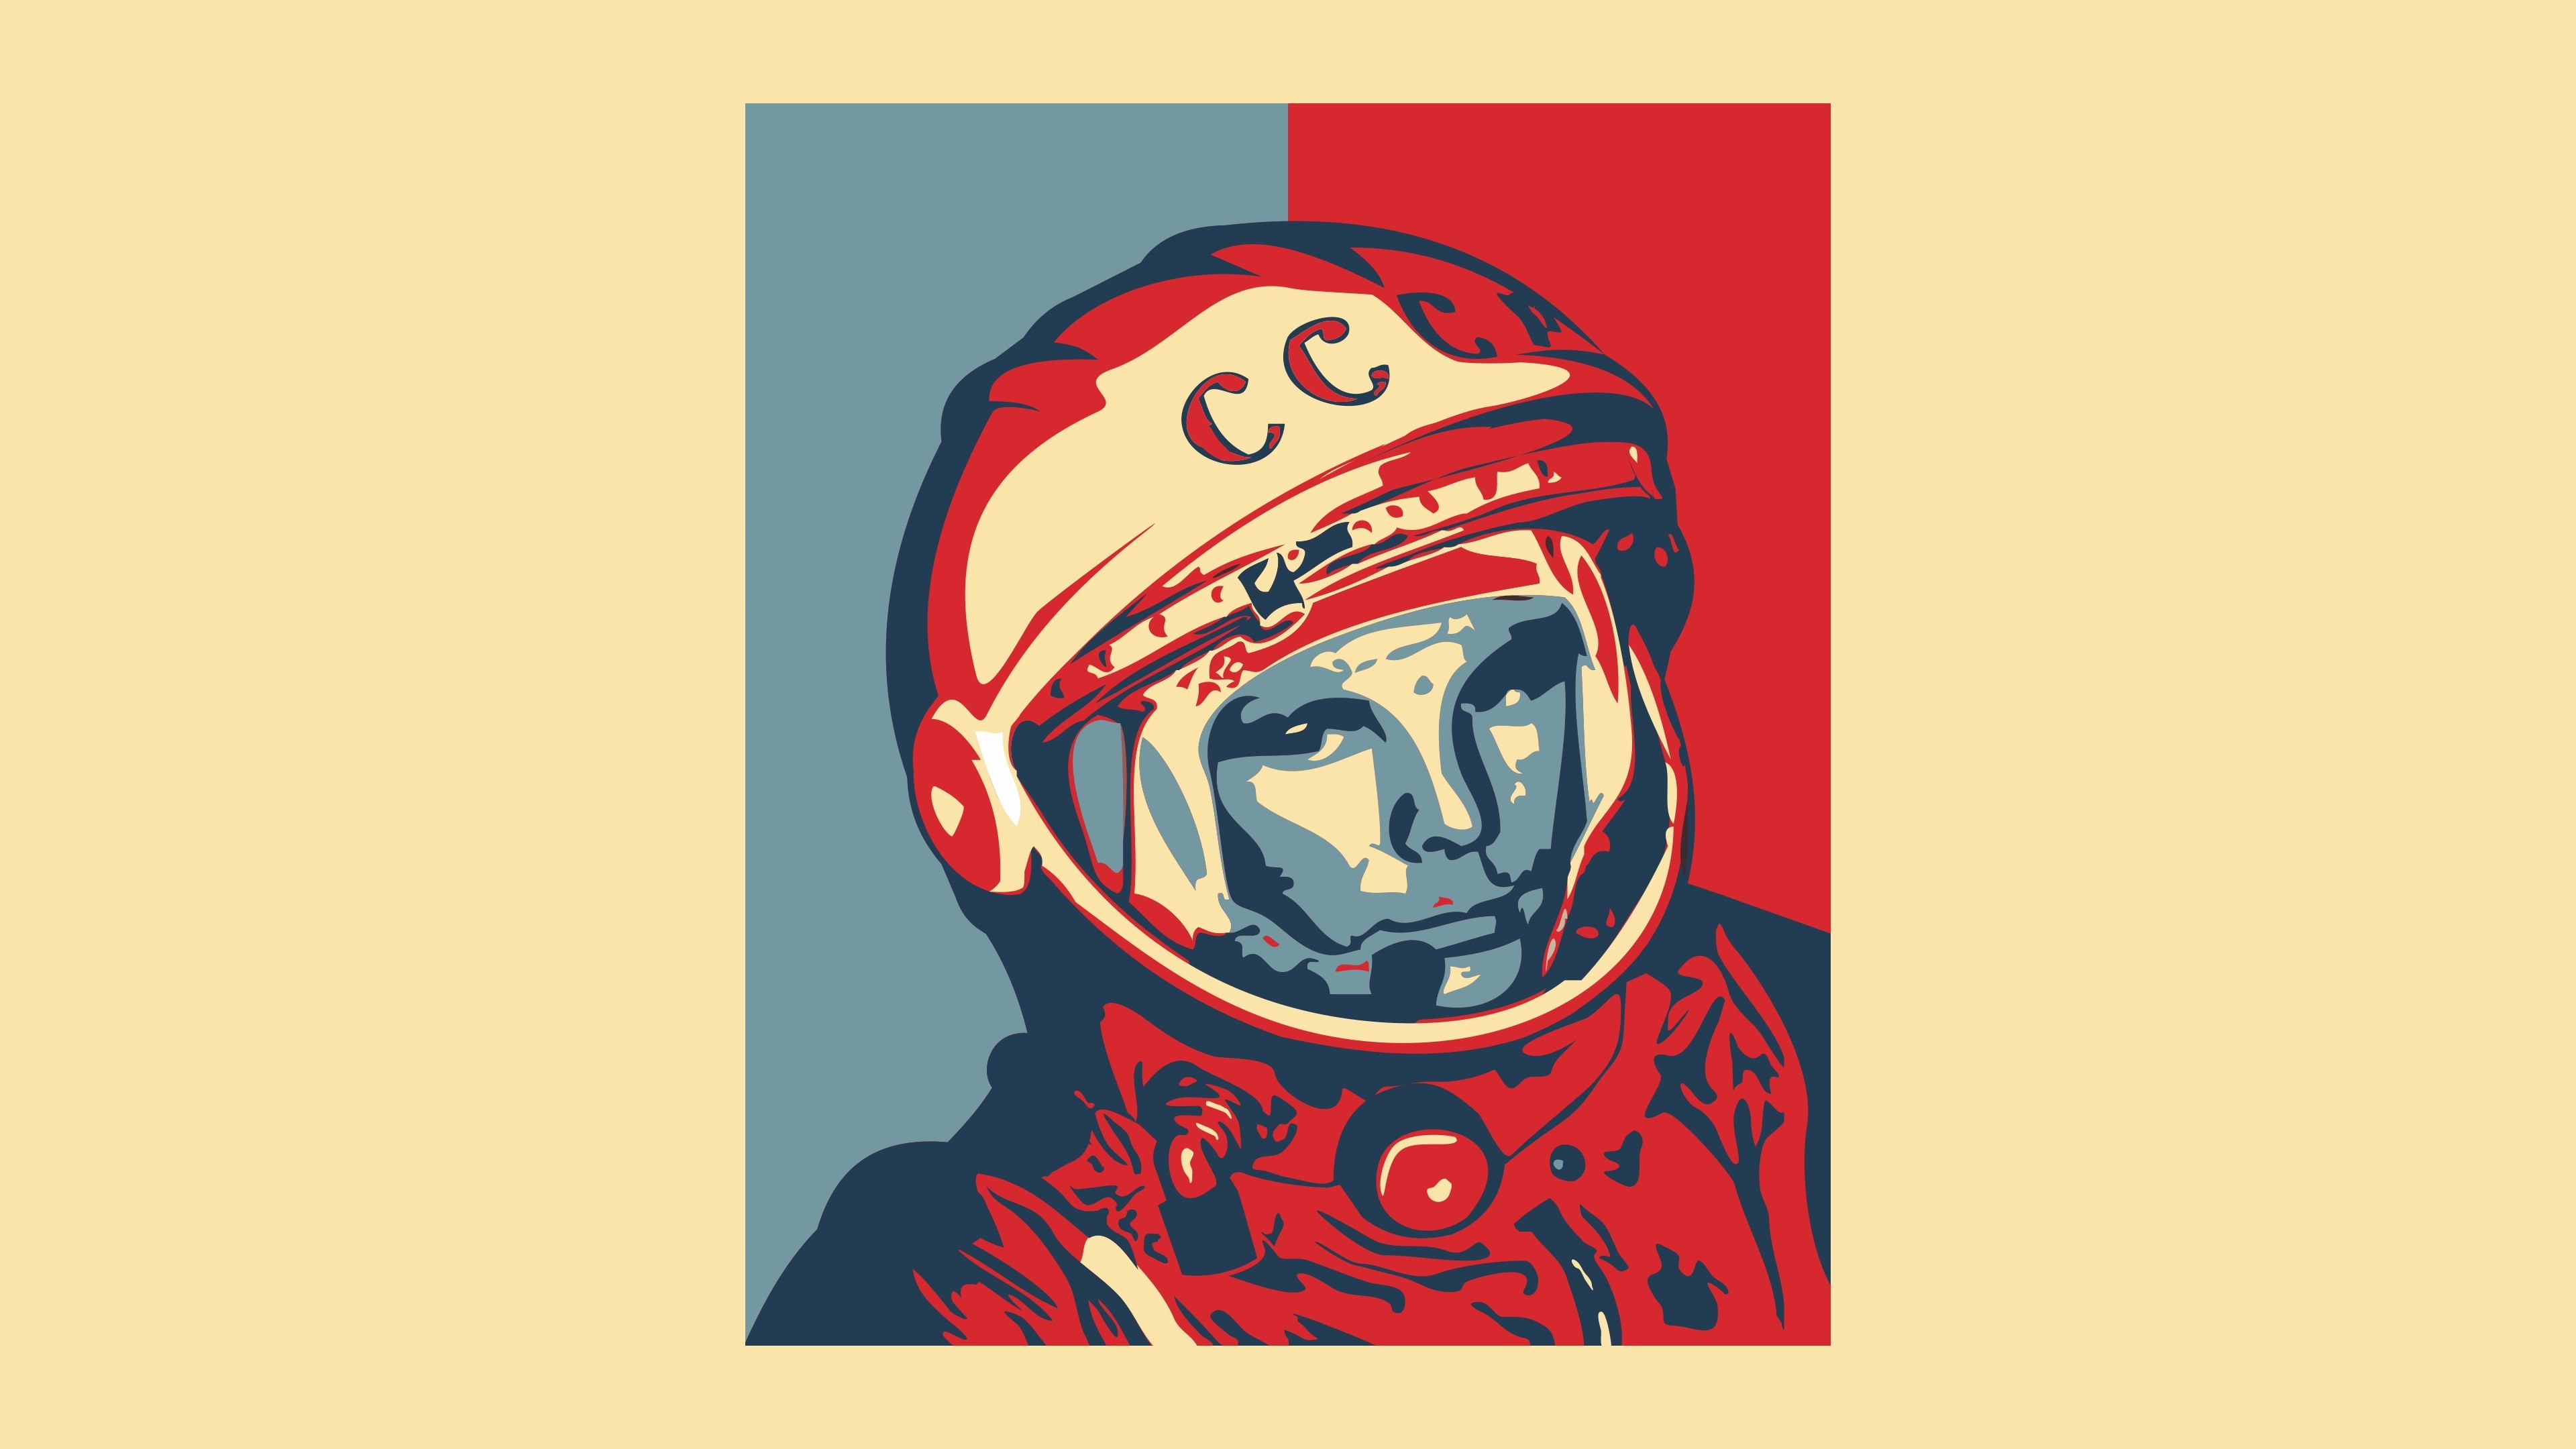 People Yuri Gagarin USSR astronaut